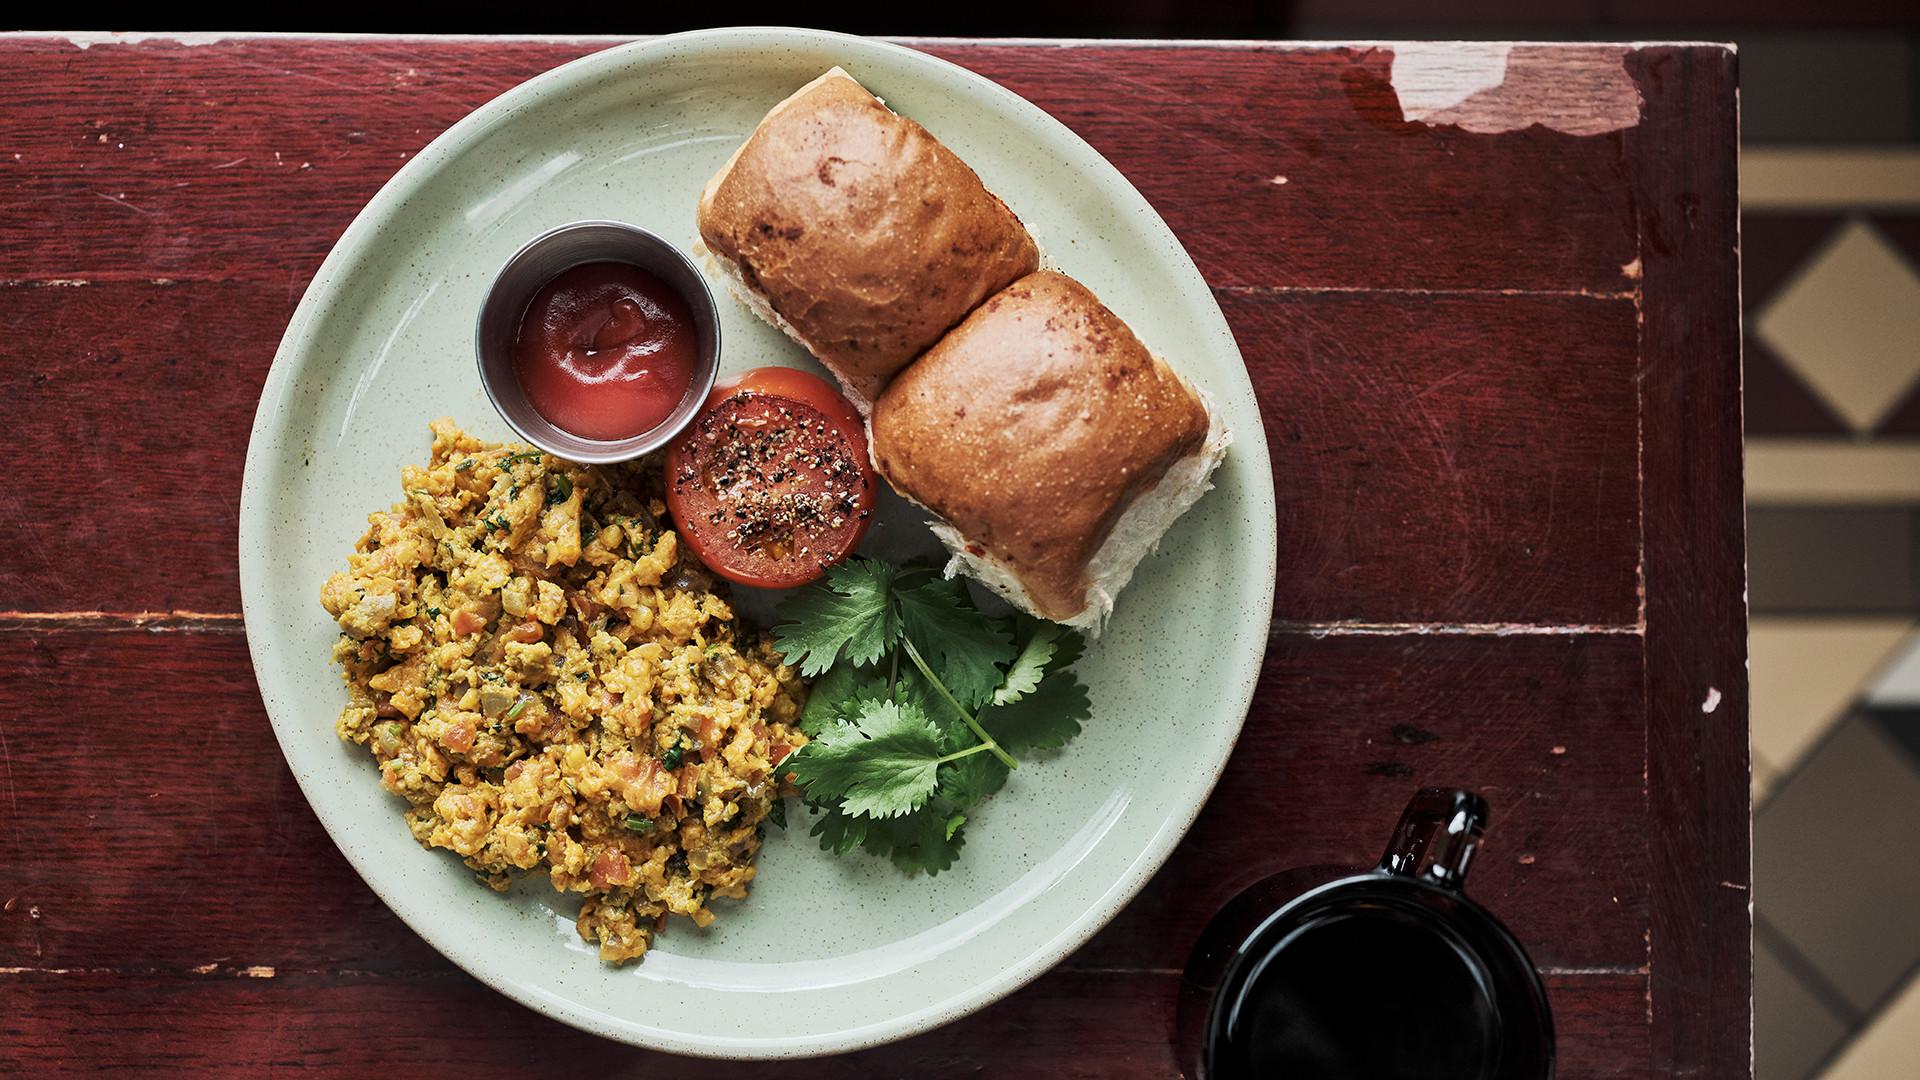 Vegan menu at Dishoom